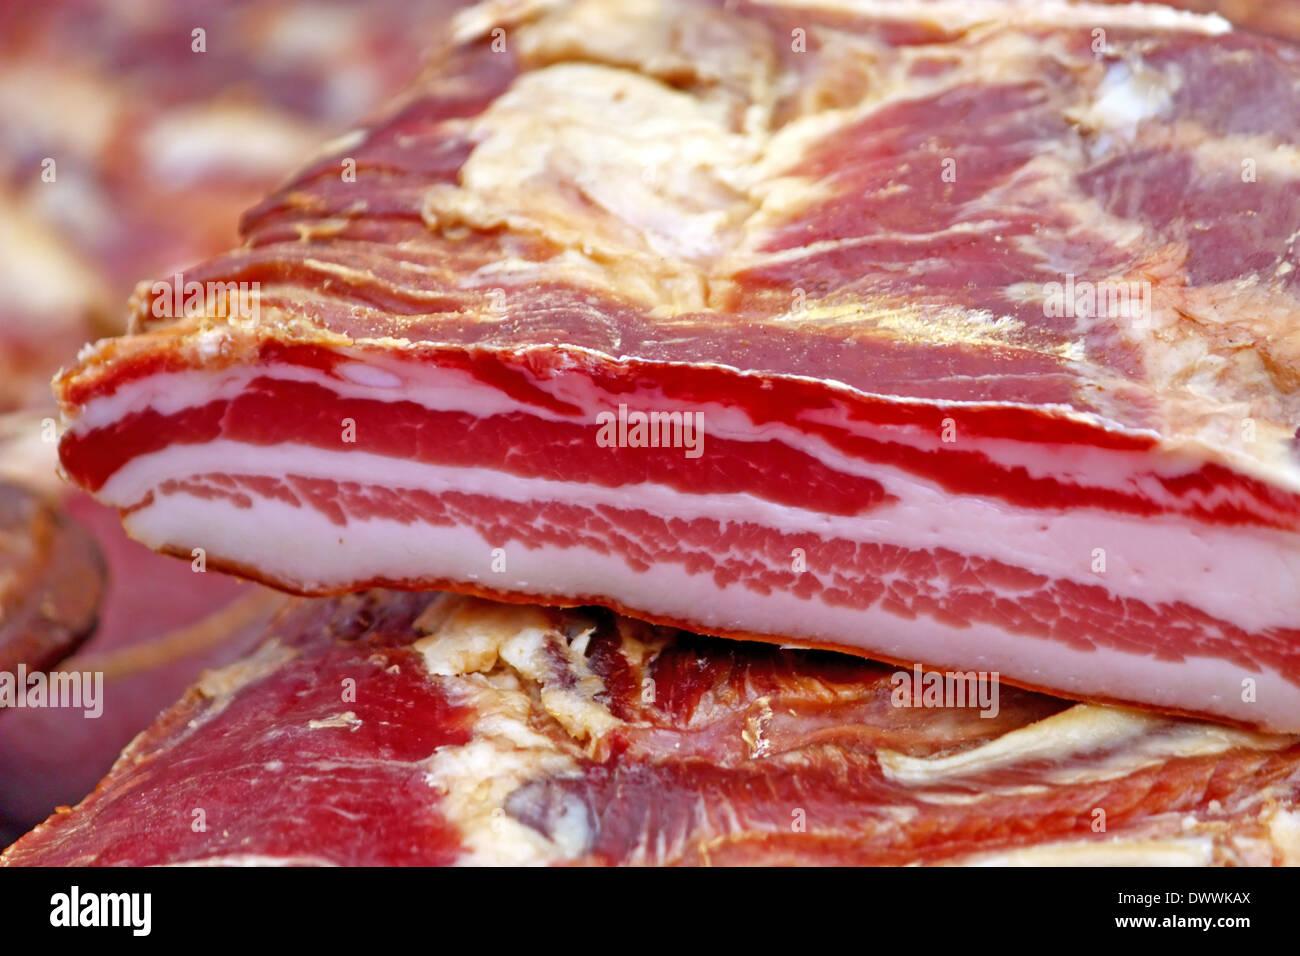 Morceau de lard fumé Photo Stock